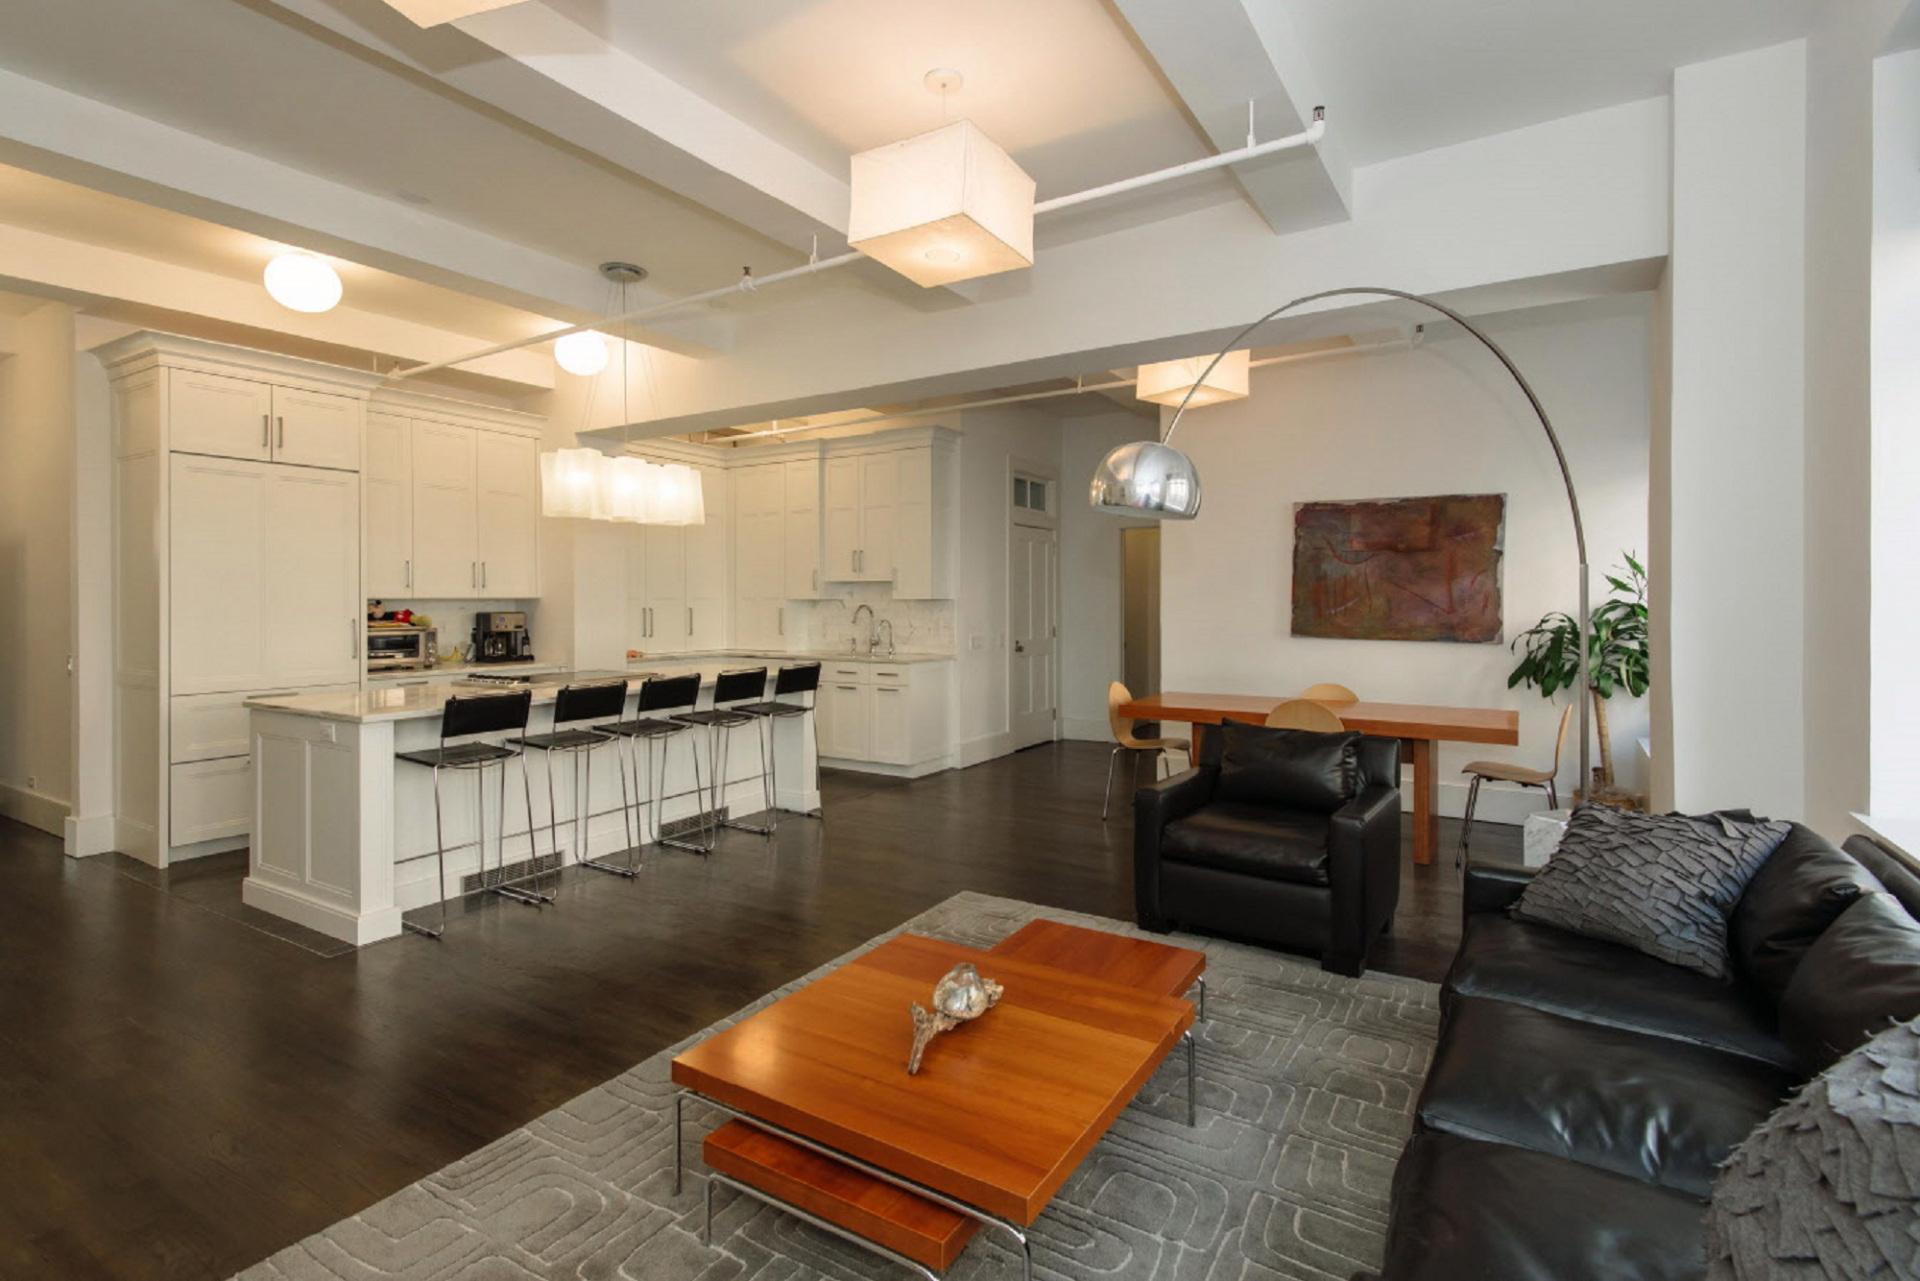 In affitto da richard gere per 18mila euro al mese for Affittare appartamento a new york